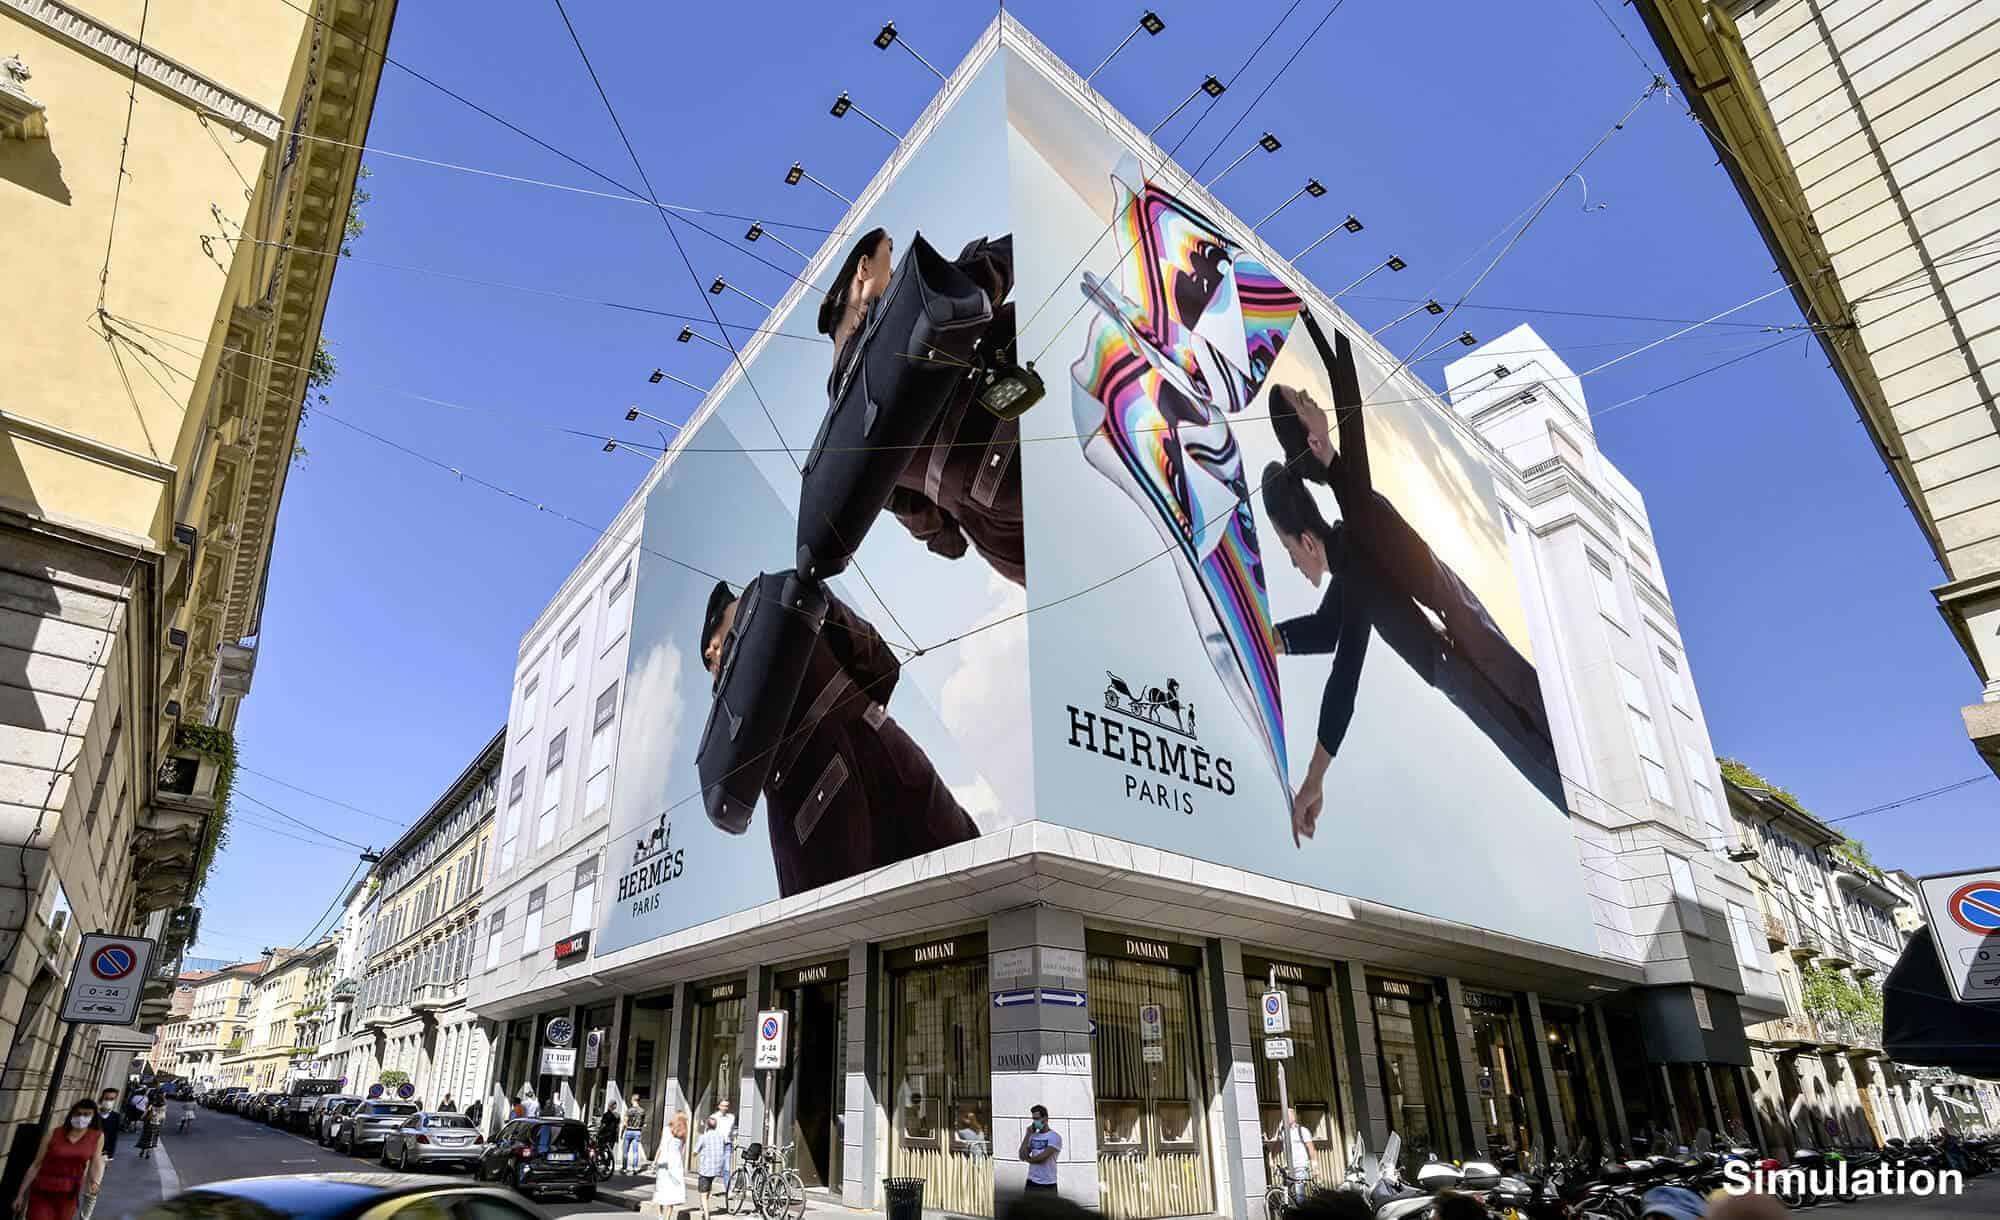 Maxi Affissione Streetvox in Via Monte Napoleone 10 a Milano con Hermes (Luxury)